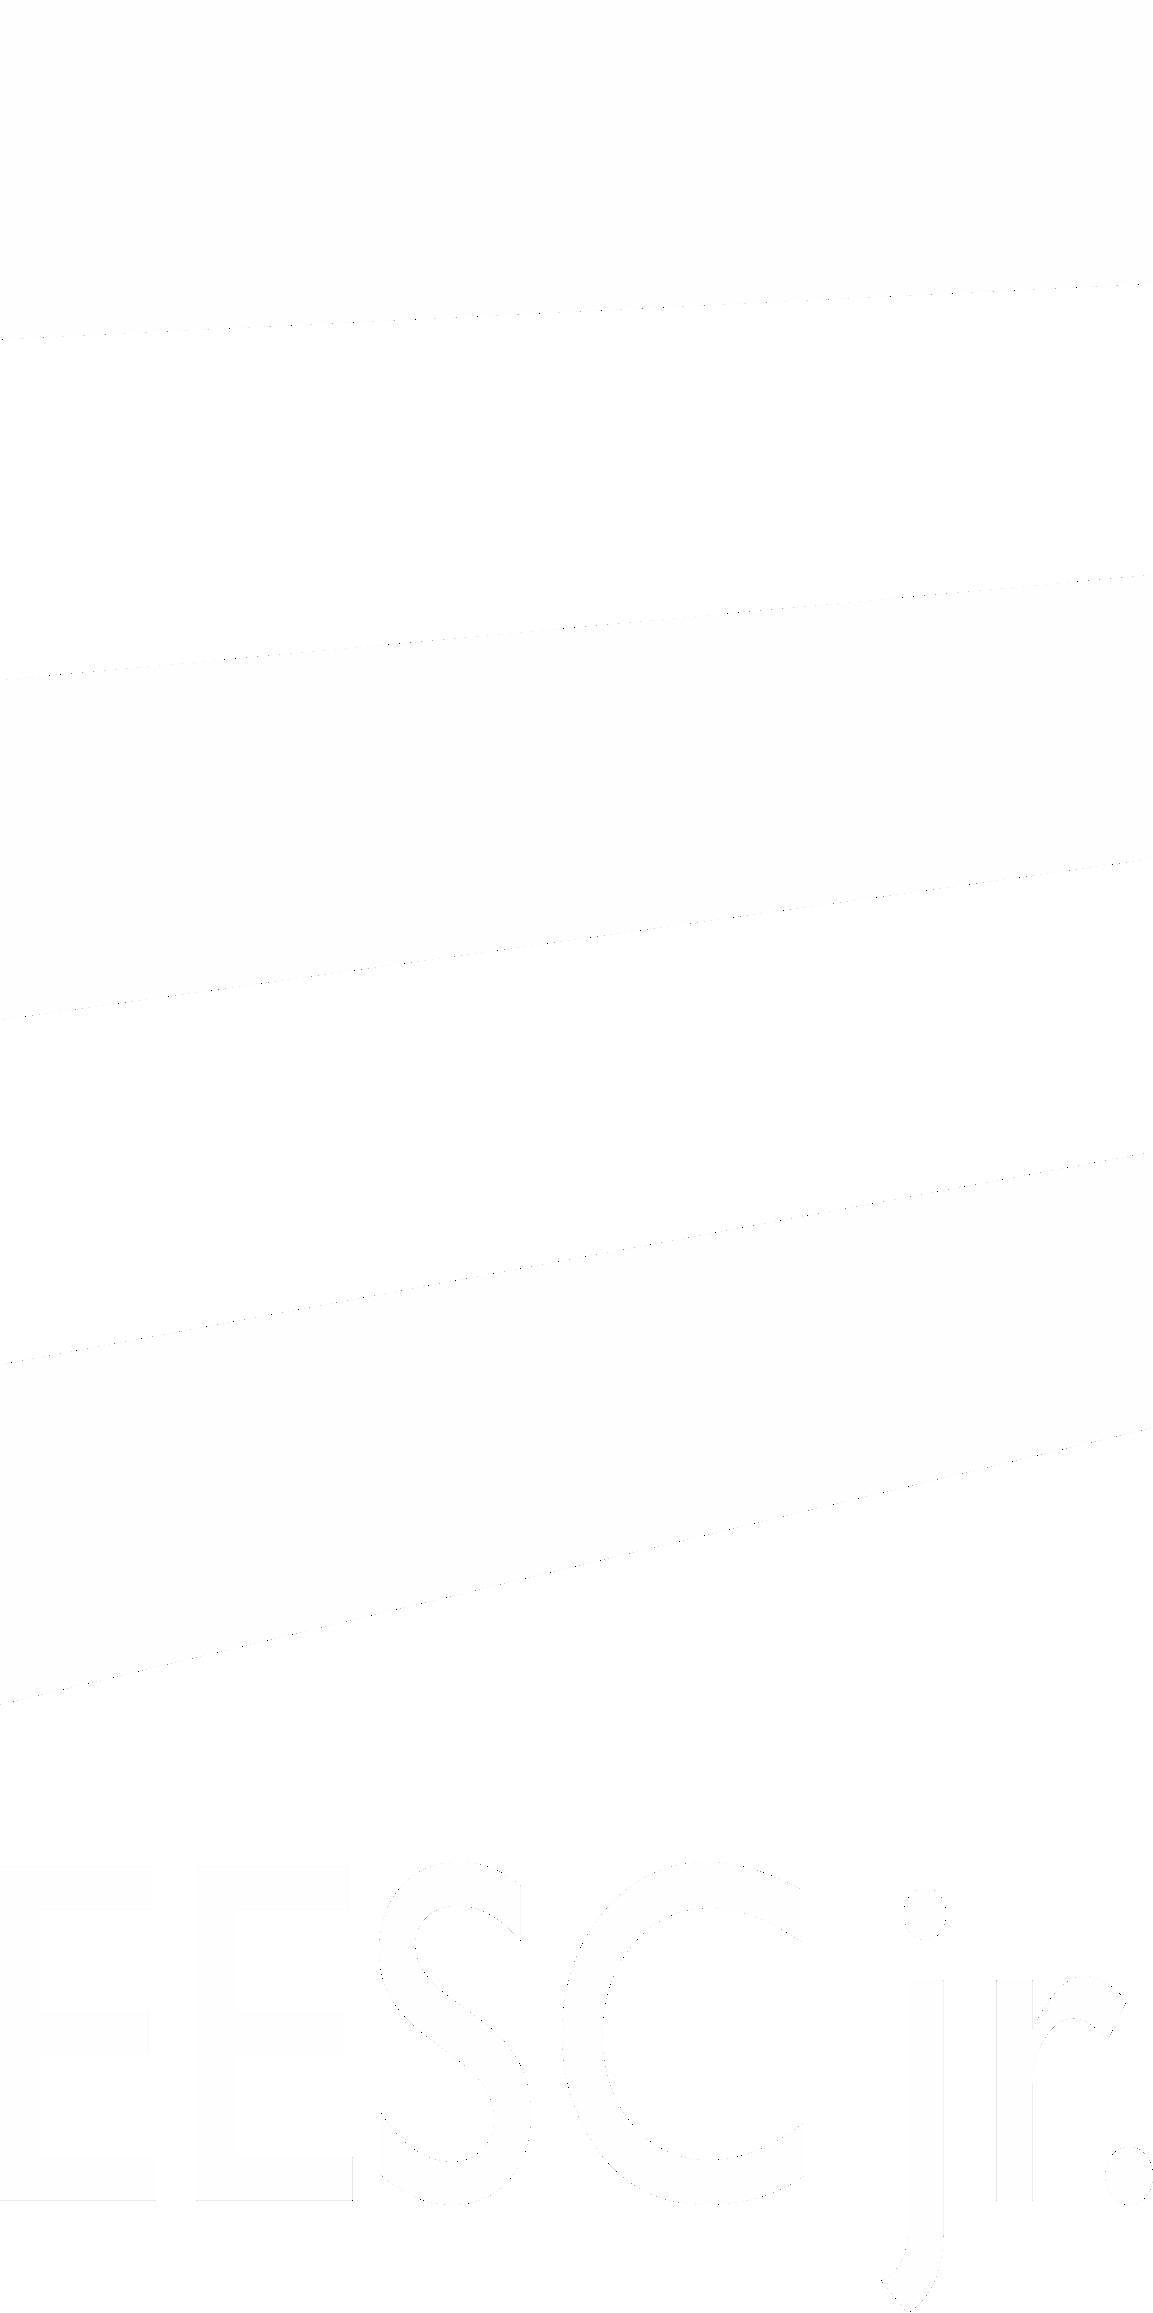 %24fd7l9sp6r1f